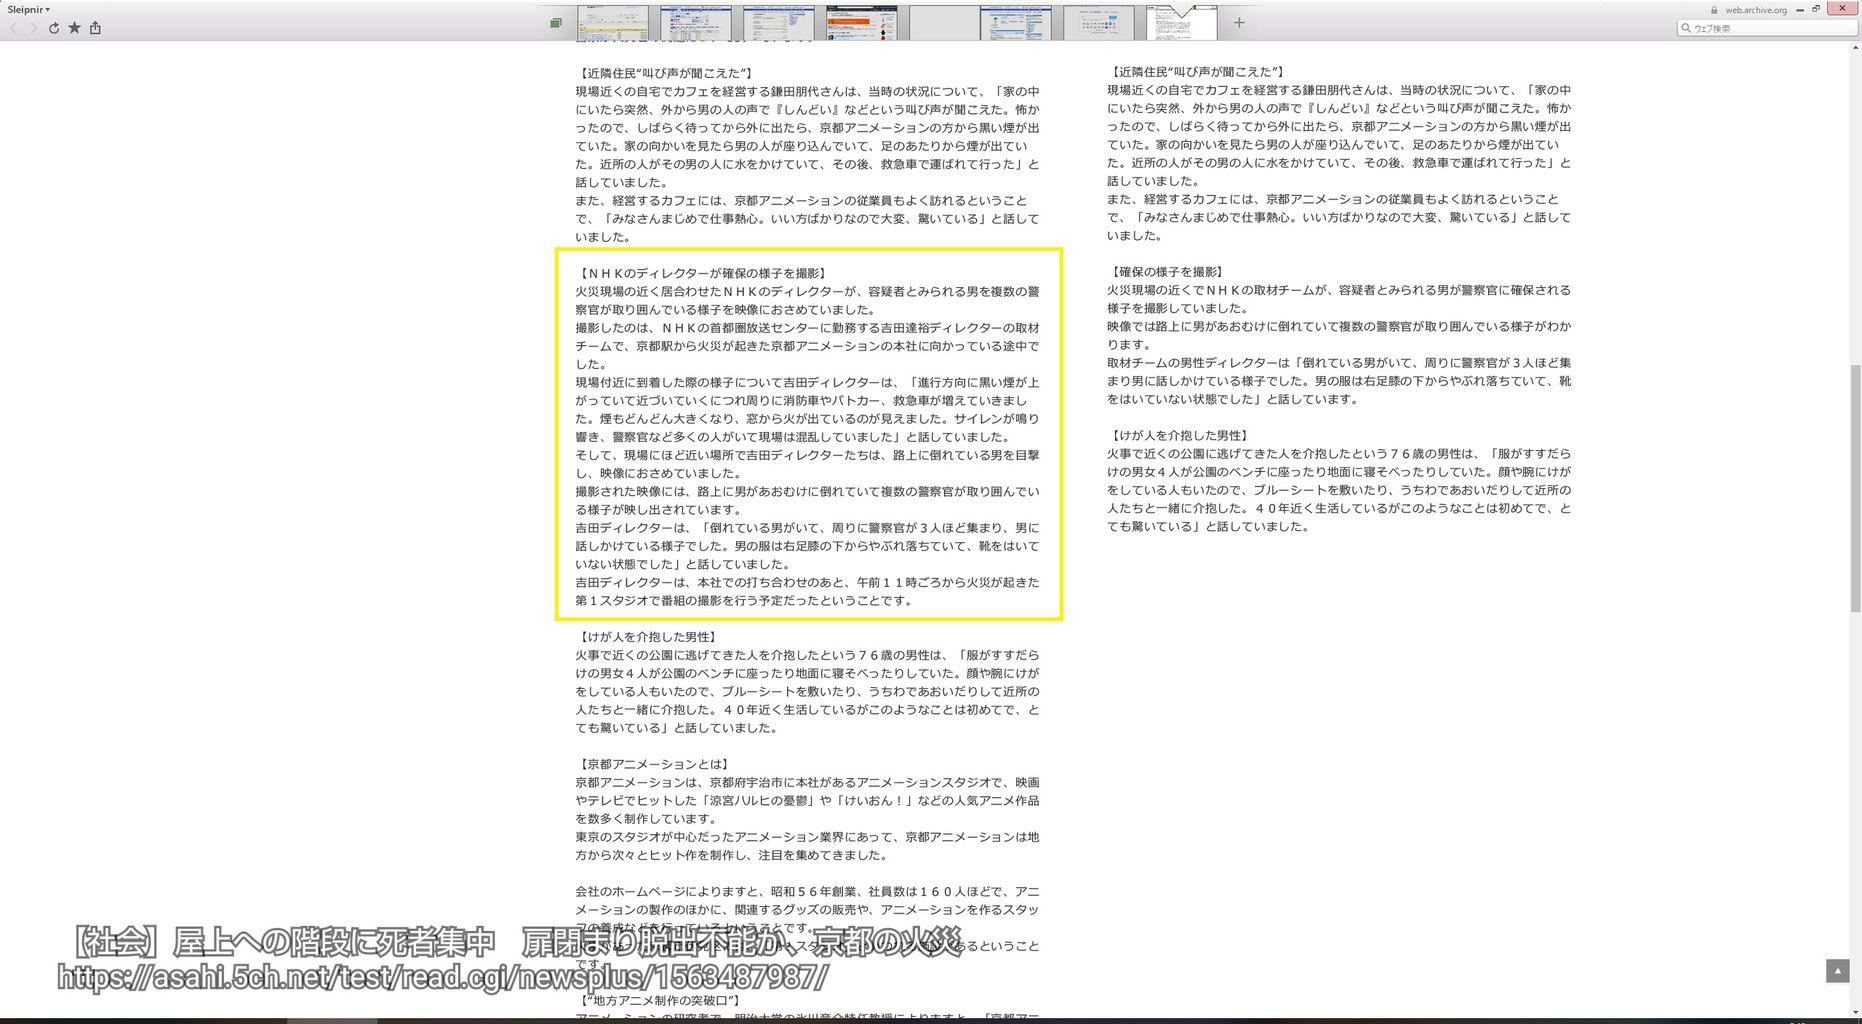 https://livedoor.blogimg.jp/dqnplus/imgs/3/1/318dcb45.jpg